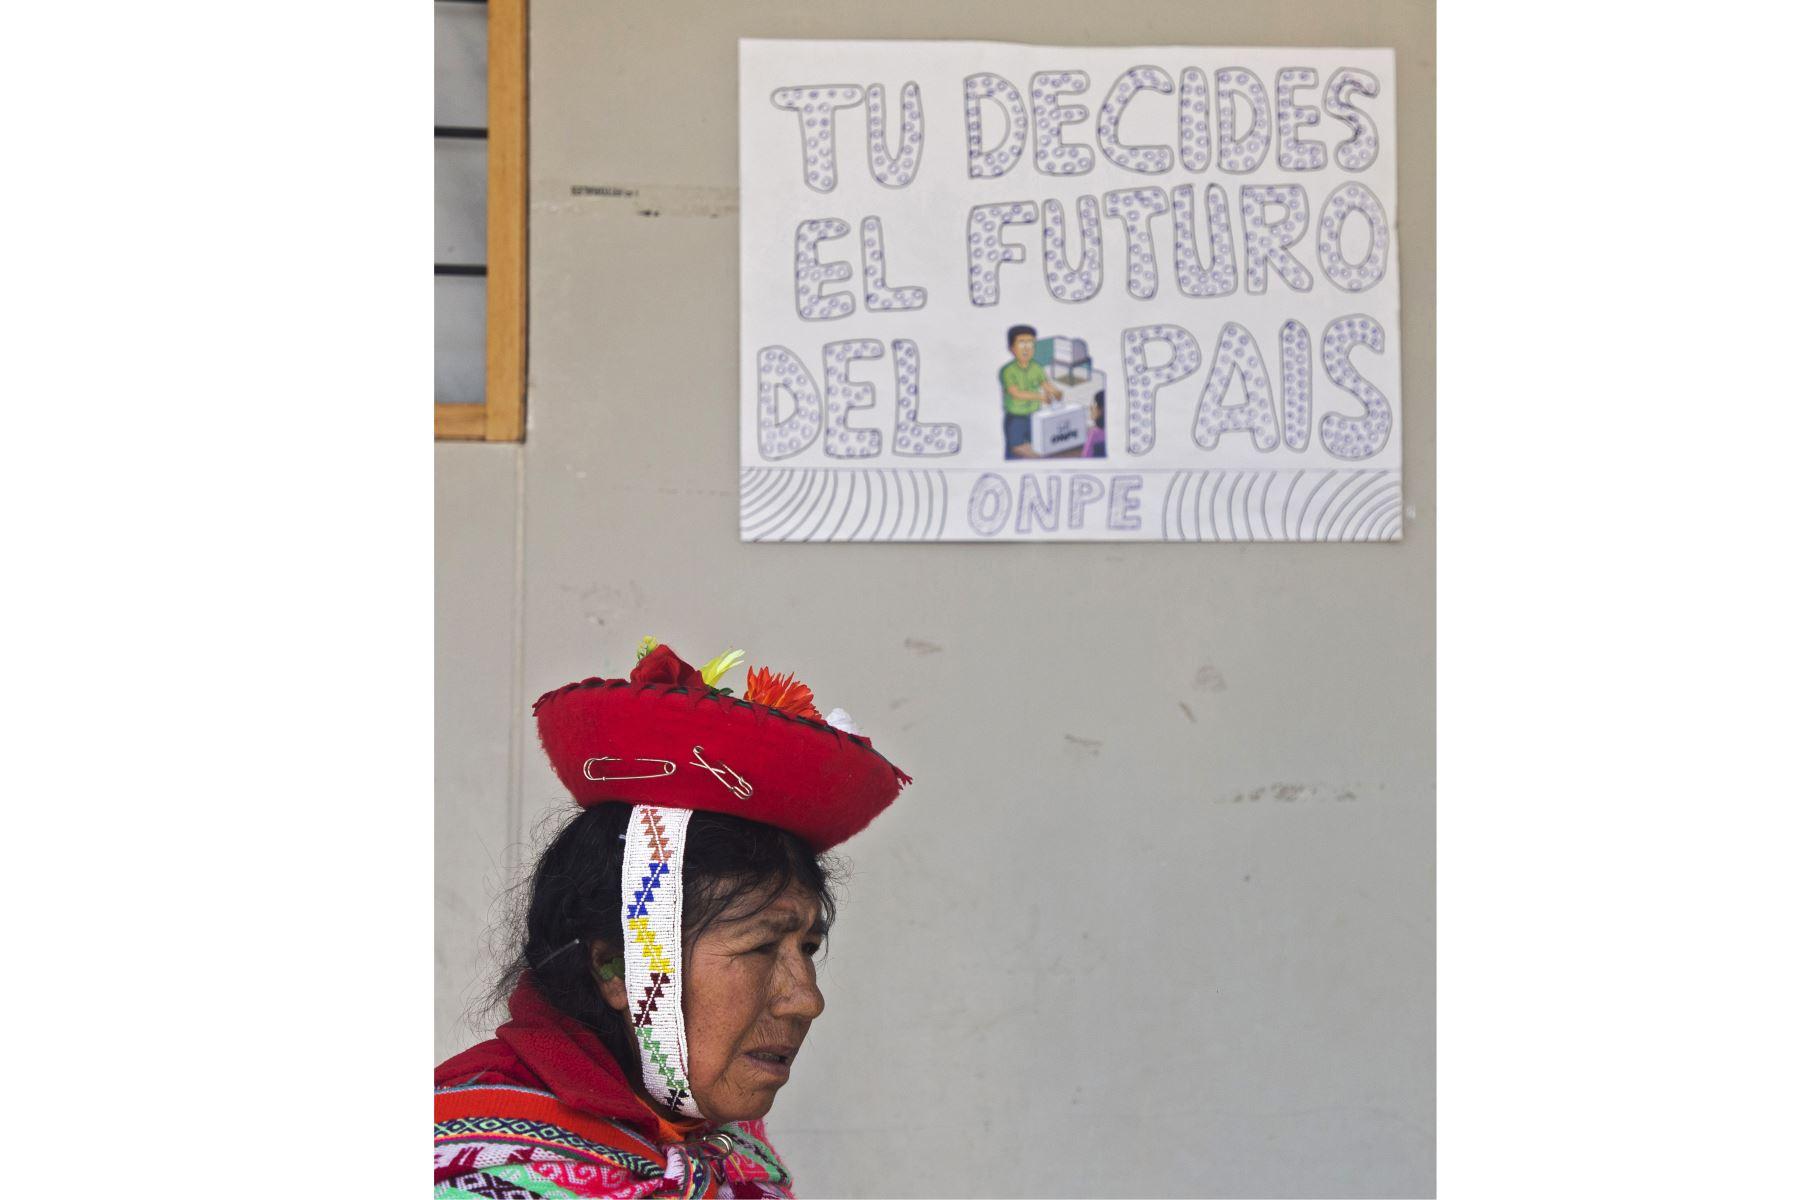 """Una mujer indígena pasa junto a un letrero que dice """"Tú decides el futuro del país"""" en un colegio electoral durante las elecciones legislativas en Ollantaytambo, en la región Cusco. Foto: AFP"""